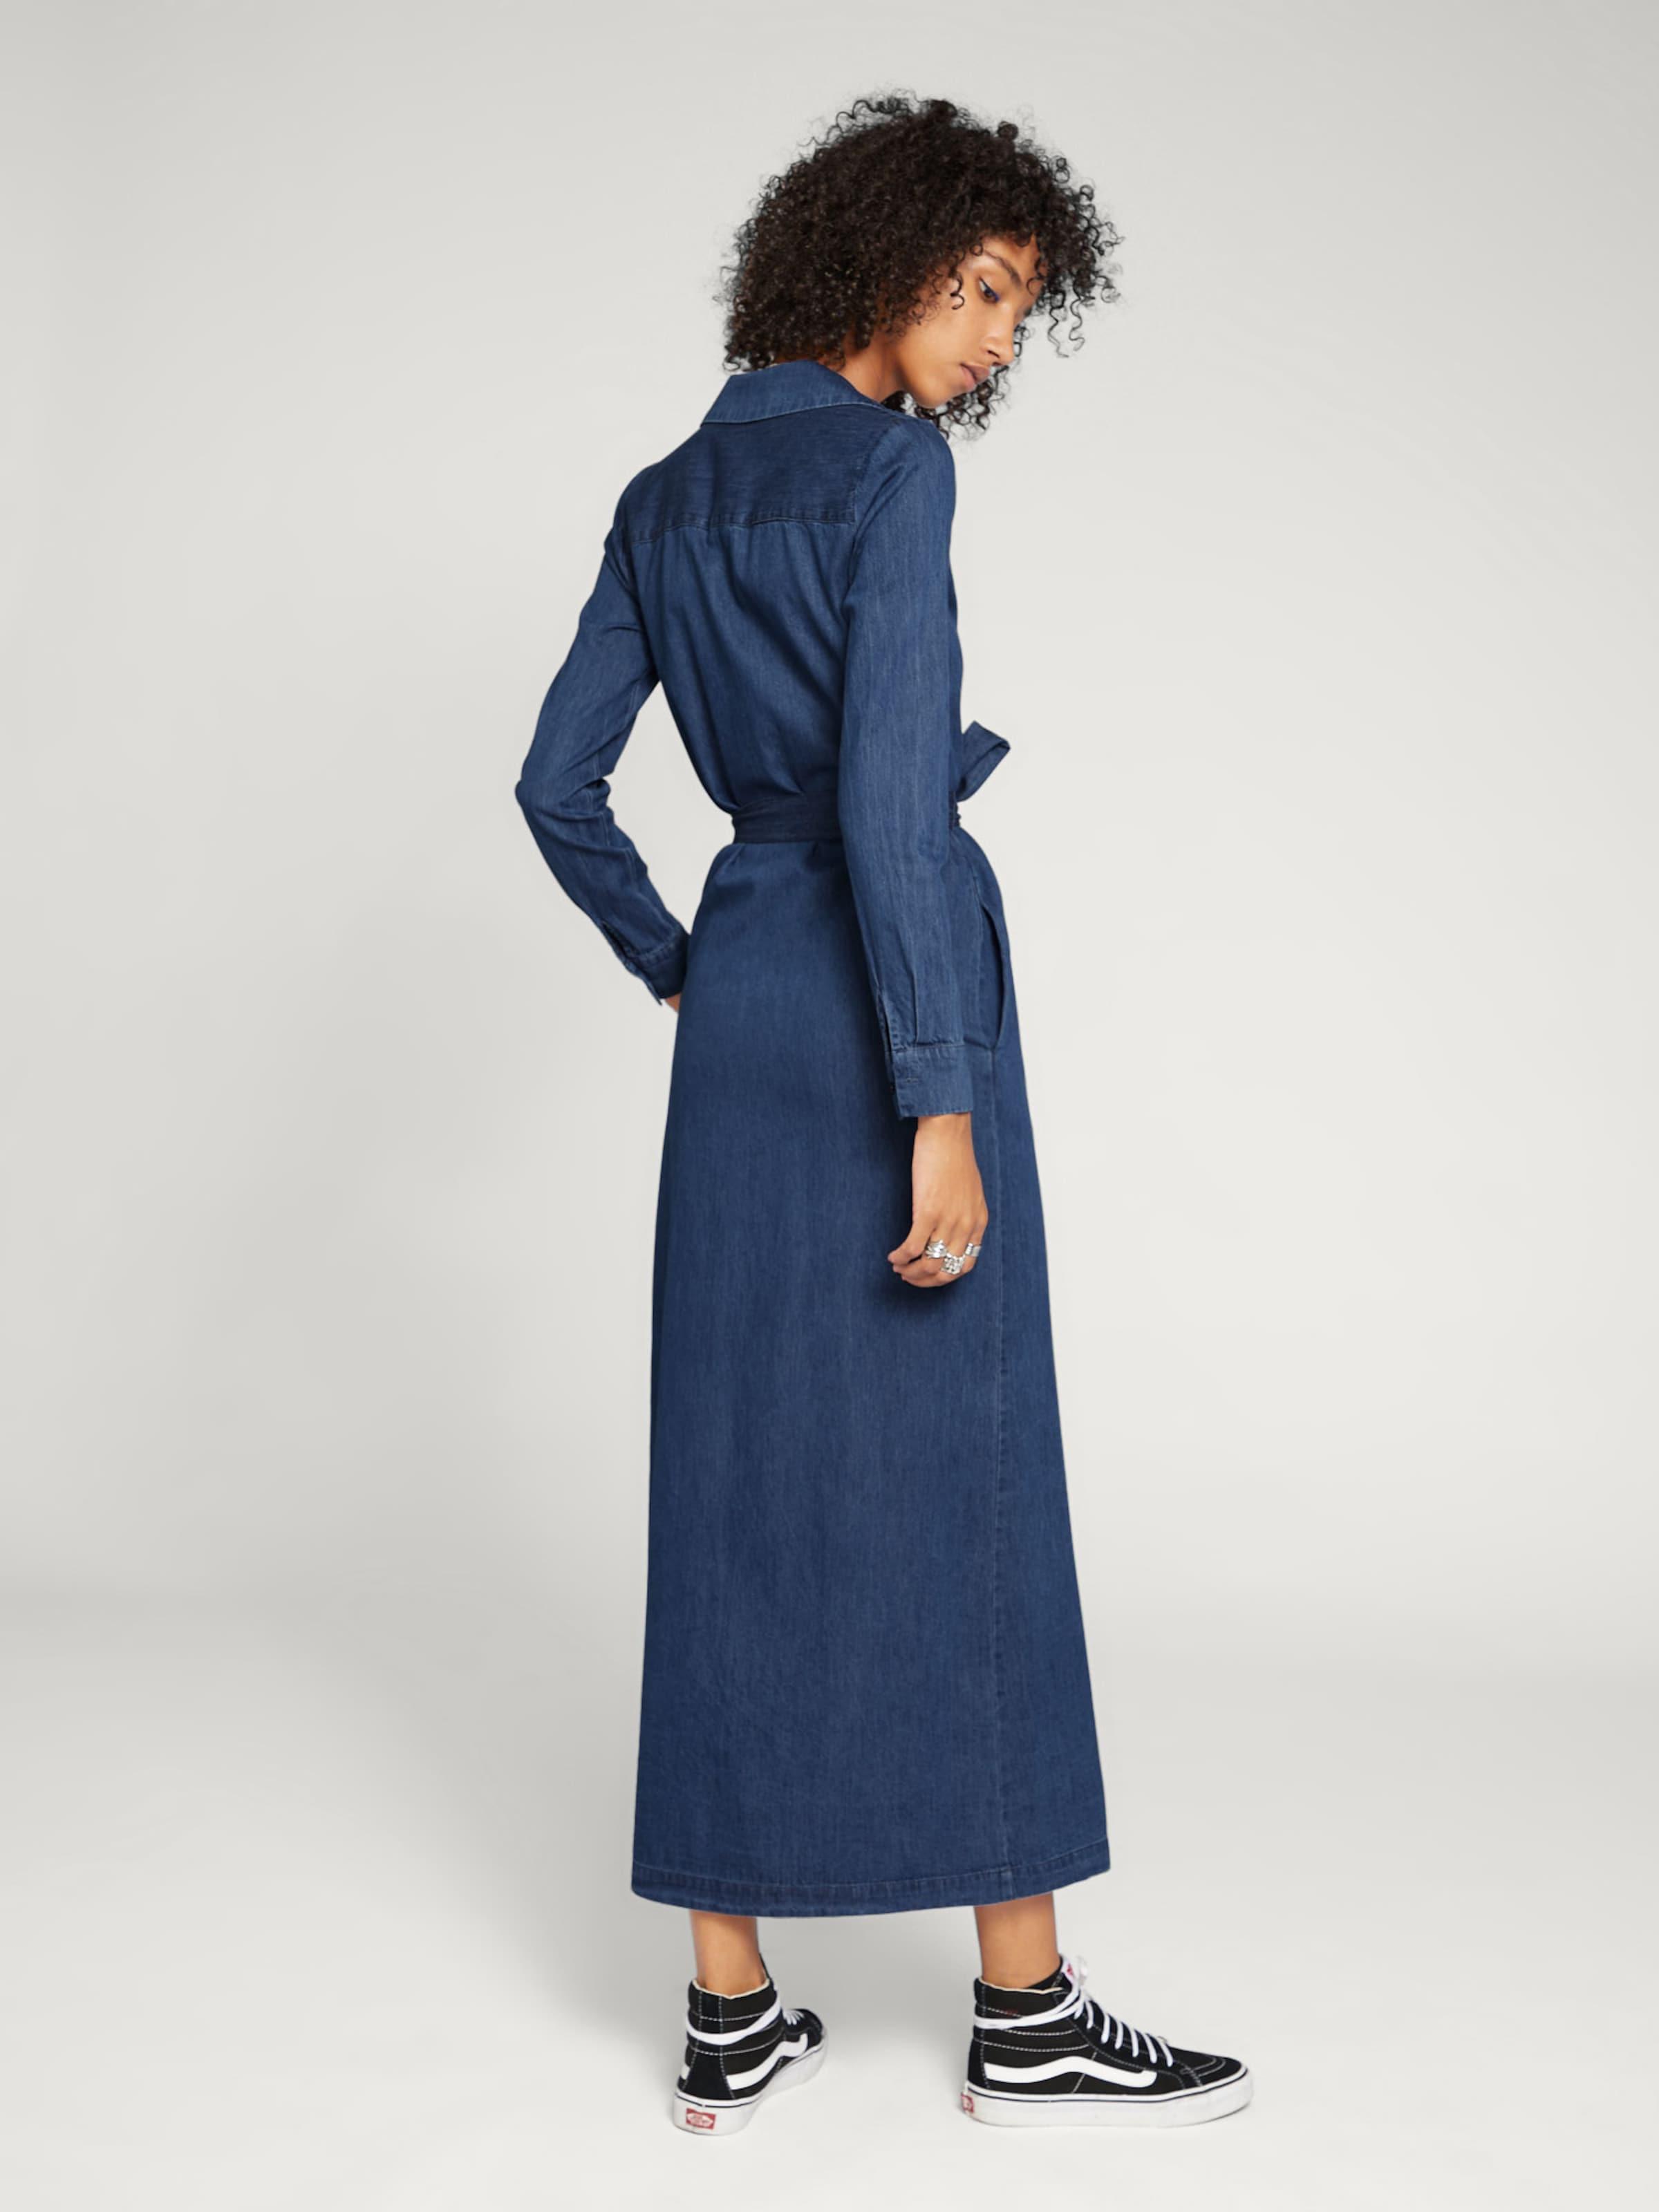 'joy' Robe En Foncé chemise Edited Bleu Y6ybgvf7I